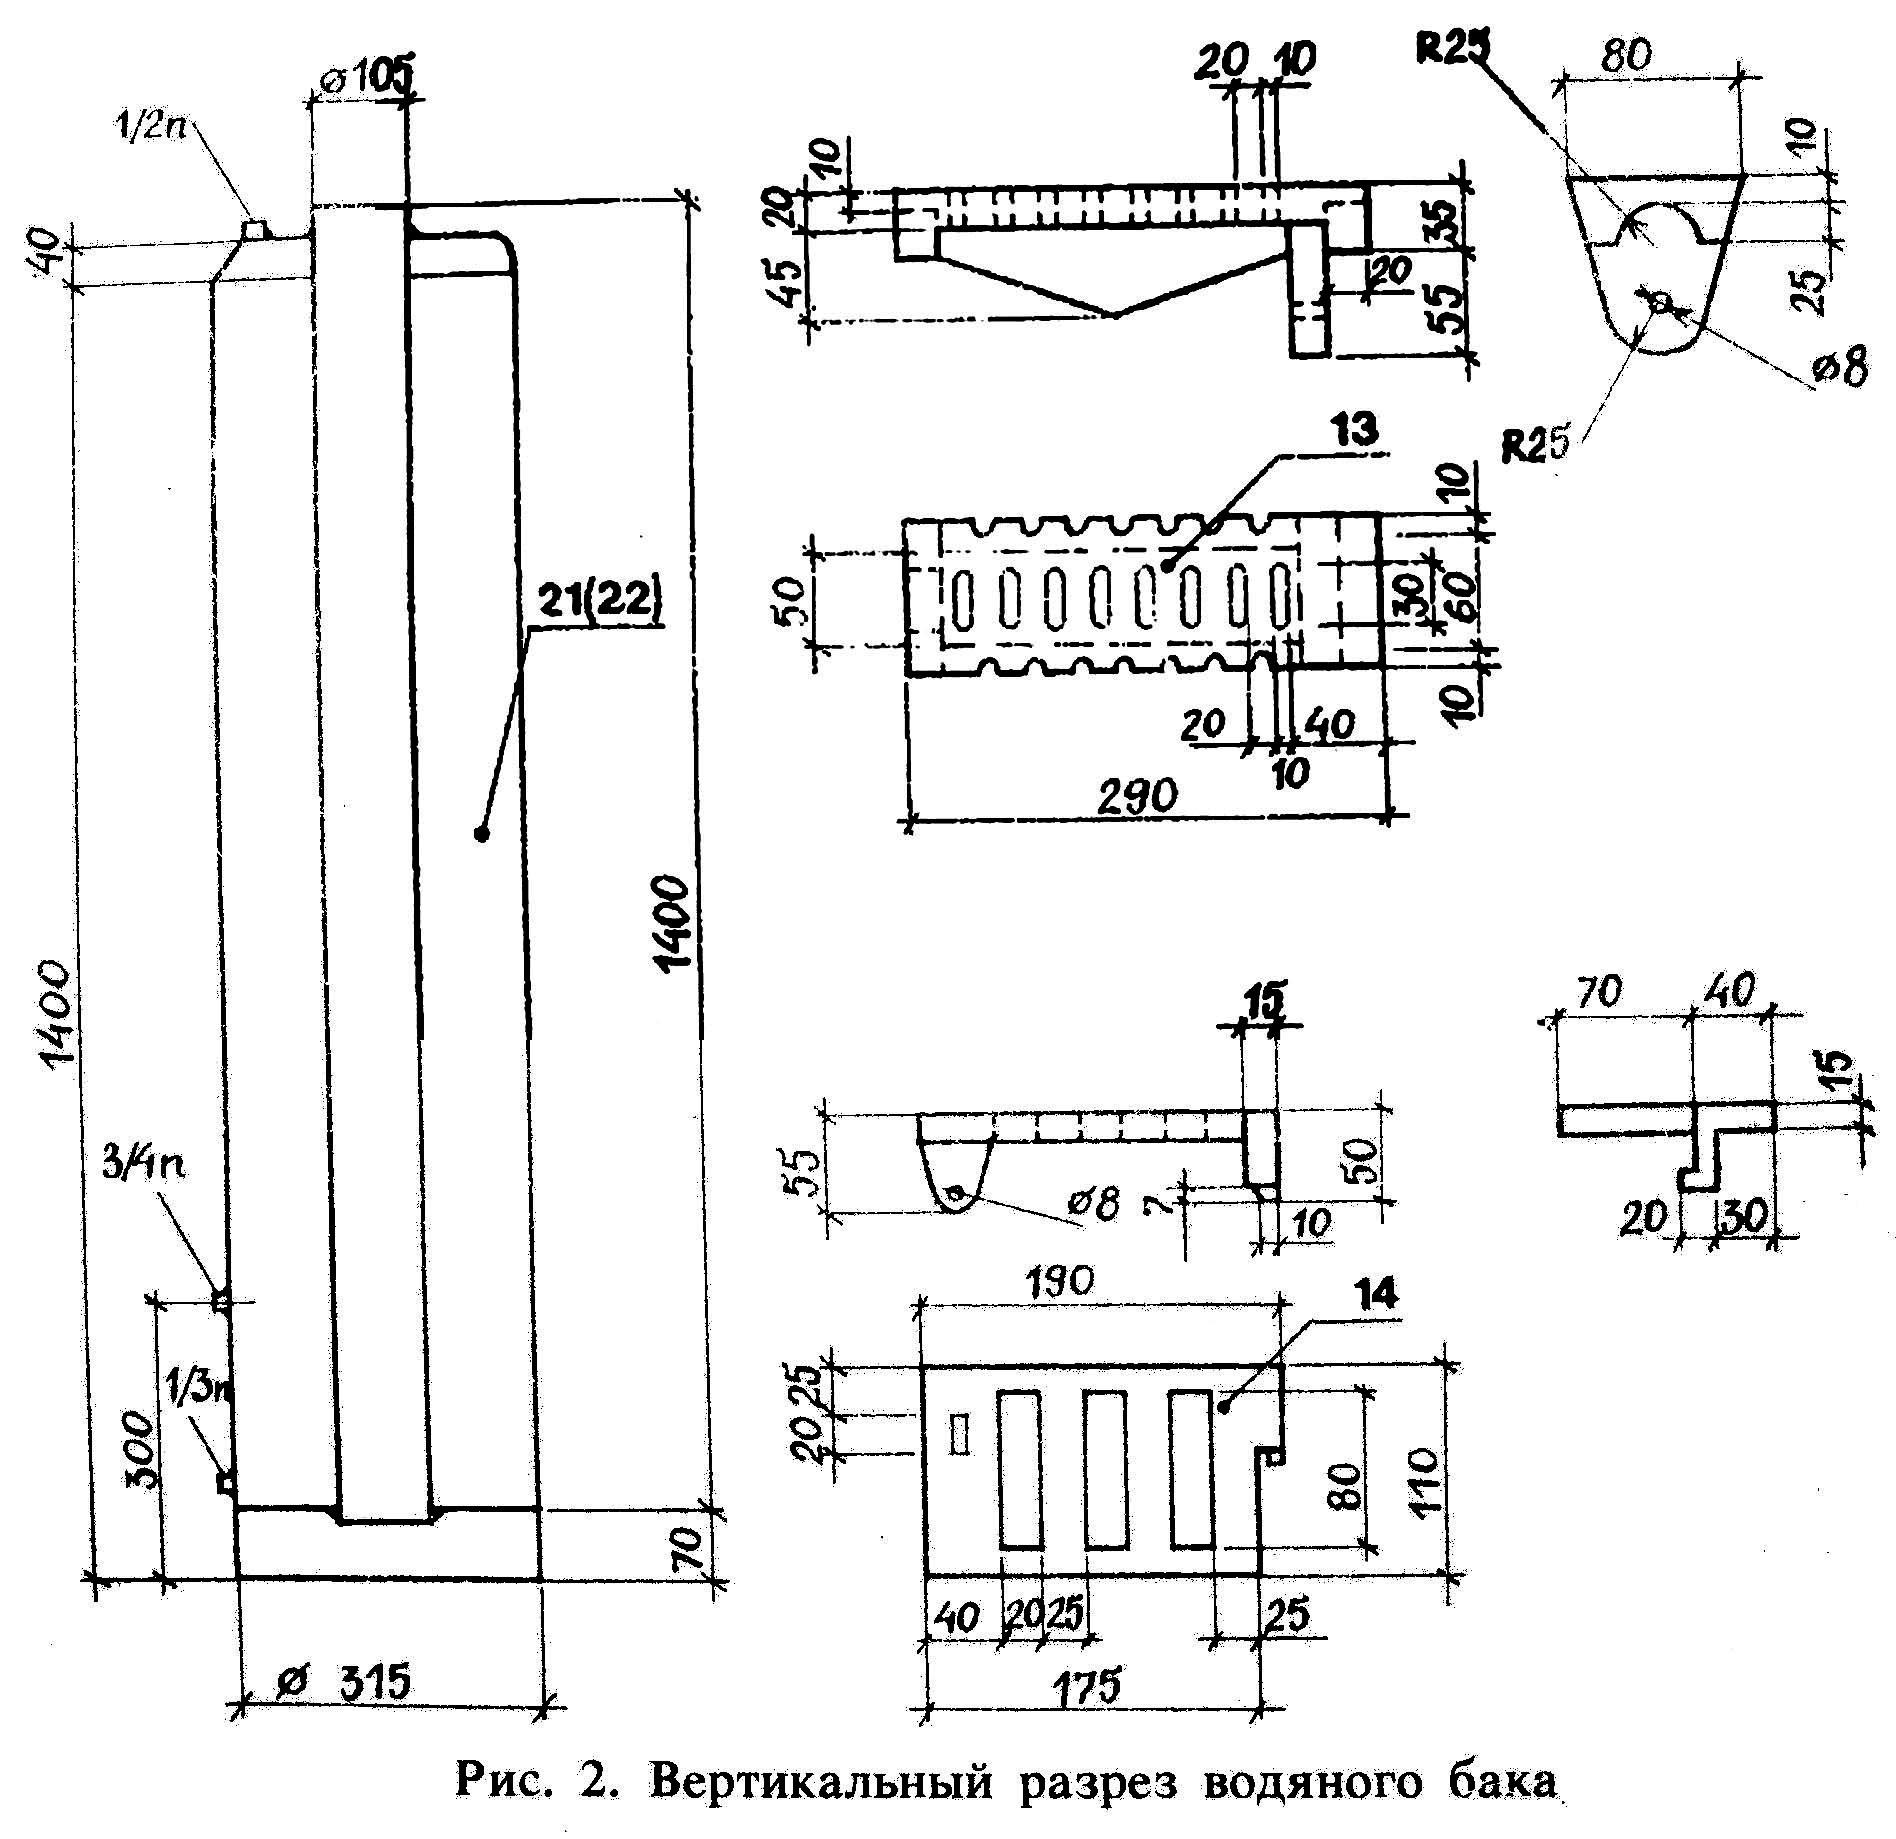 Схема индукционного котла отопления своими руками фото 498